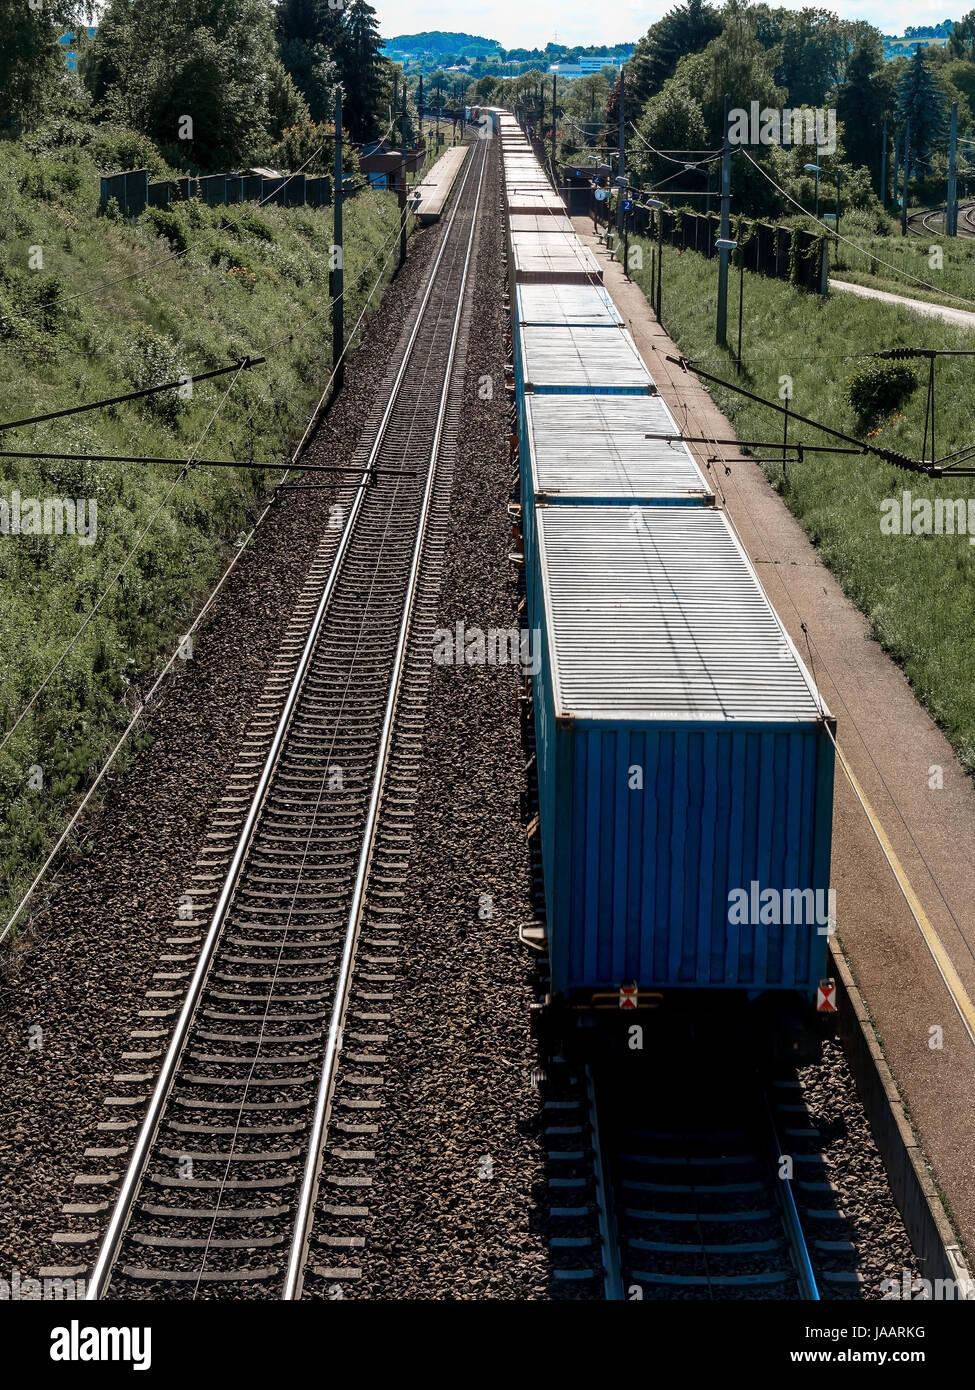 A train with goods on a section, Ein Zug mit Gütern auf einer Bahnstrecke Stock Photo